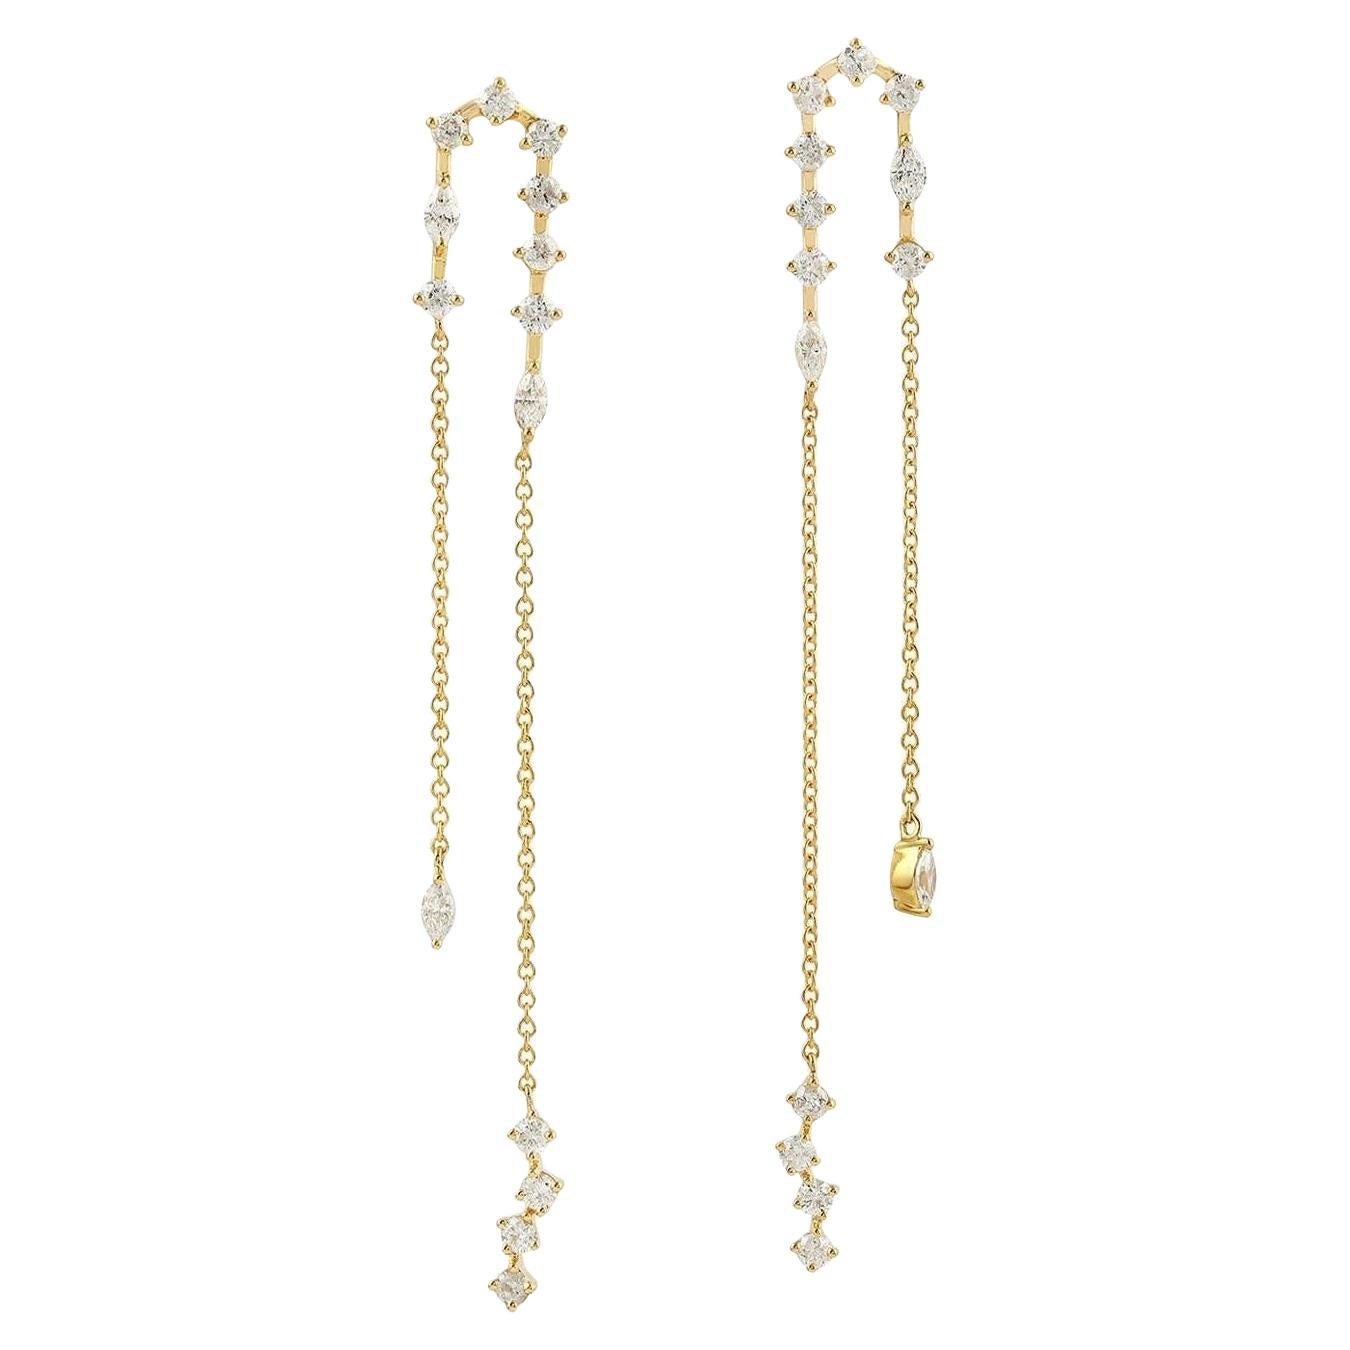 18 Karat Gold Diamond Chain Drop Earrings